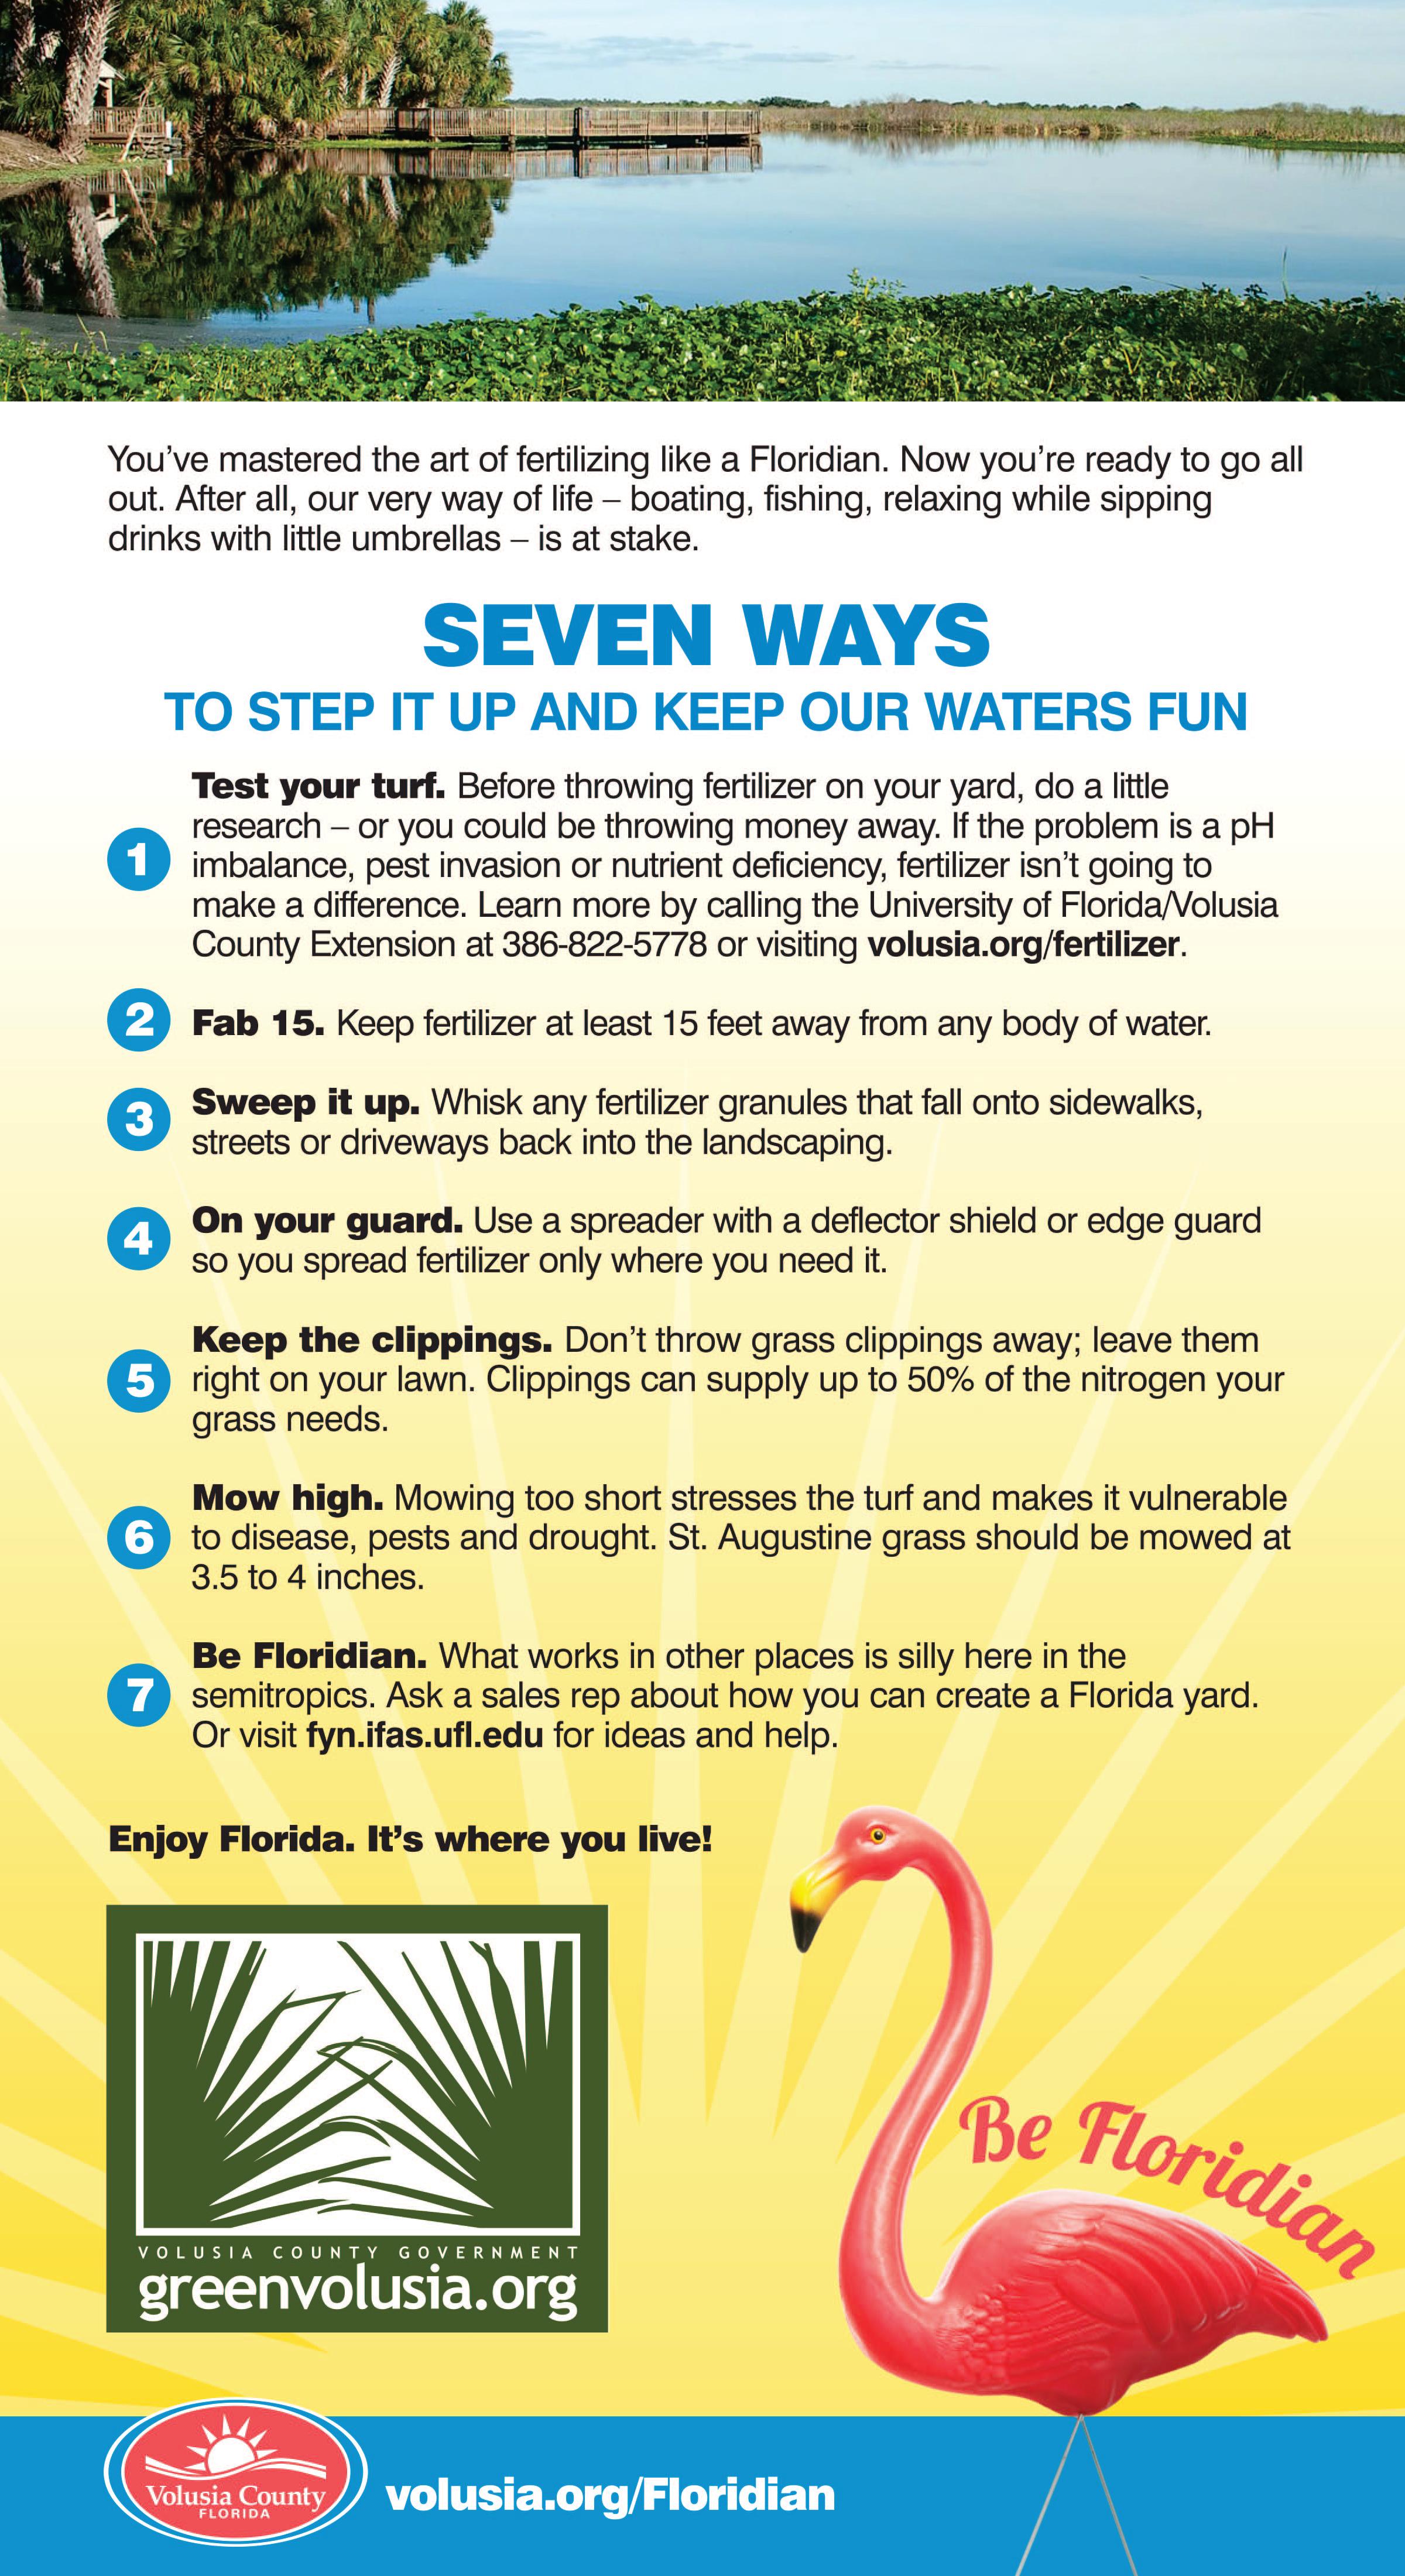 Fertilize like a Floridian flier_1 - Copy_Page_2.png